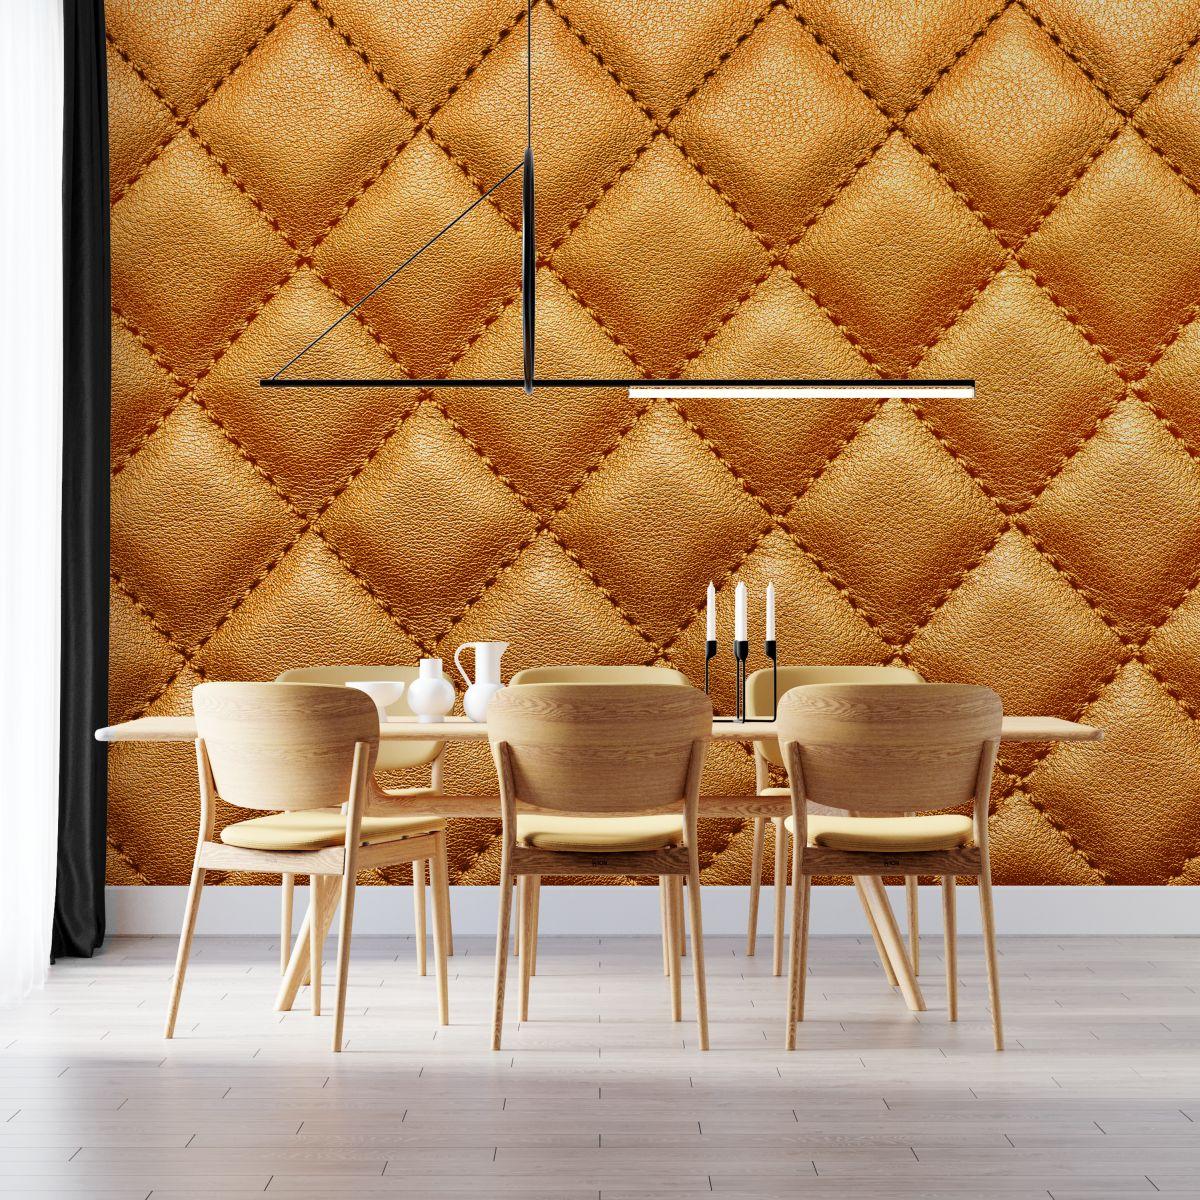 Fototapeta - Materiałowy wzór w odcieniach złota - fototapeta.shop